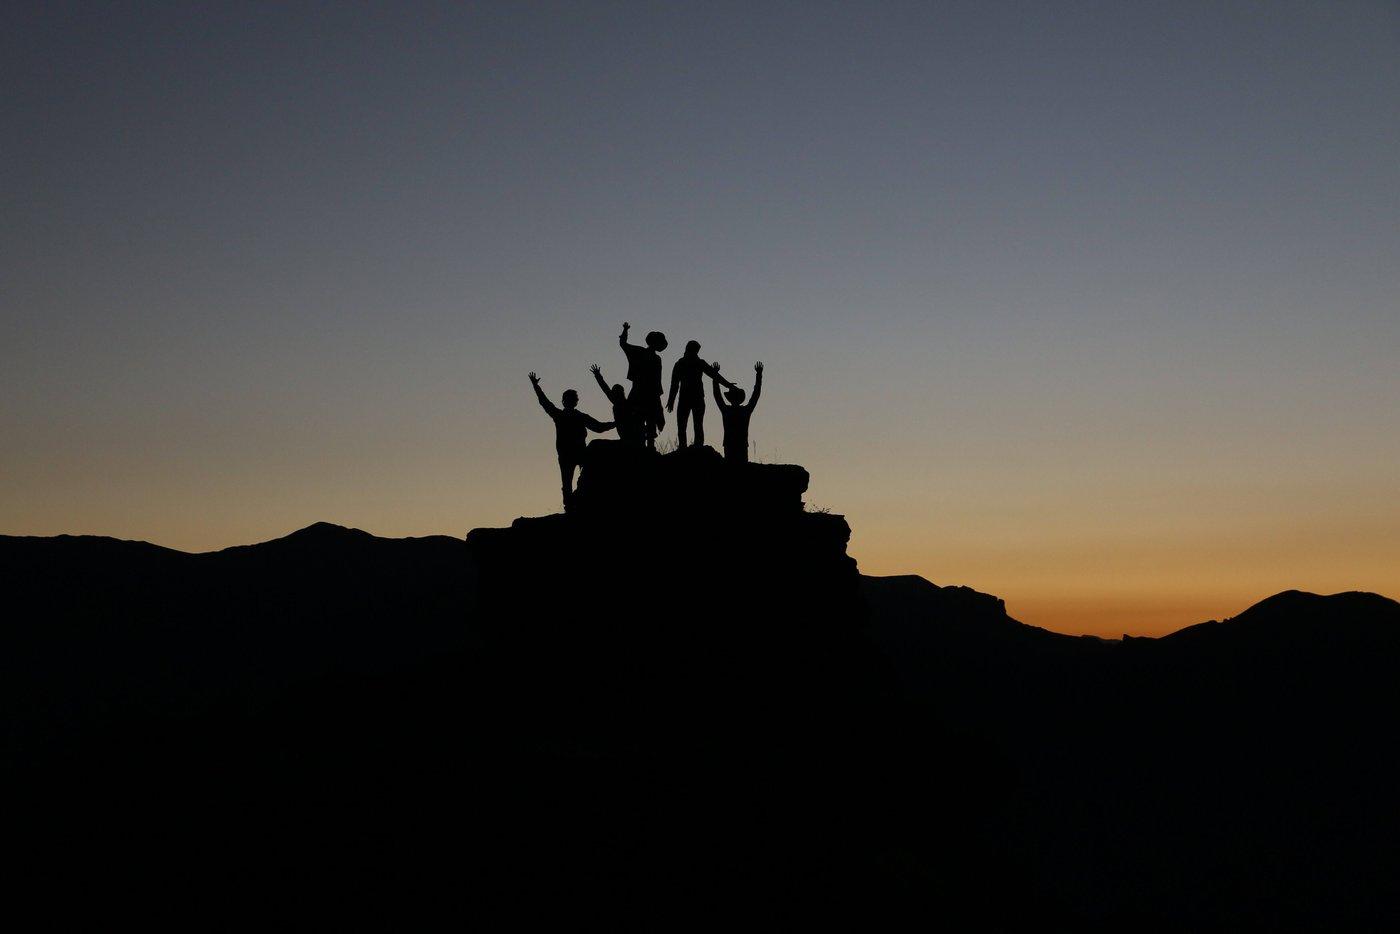 Im Vordergrund eine silhouette einer Gruppe Menschen, auf einem Stein stehen im Hintergrund geht die Sonne unter.